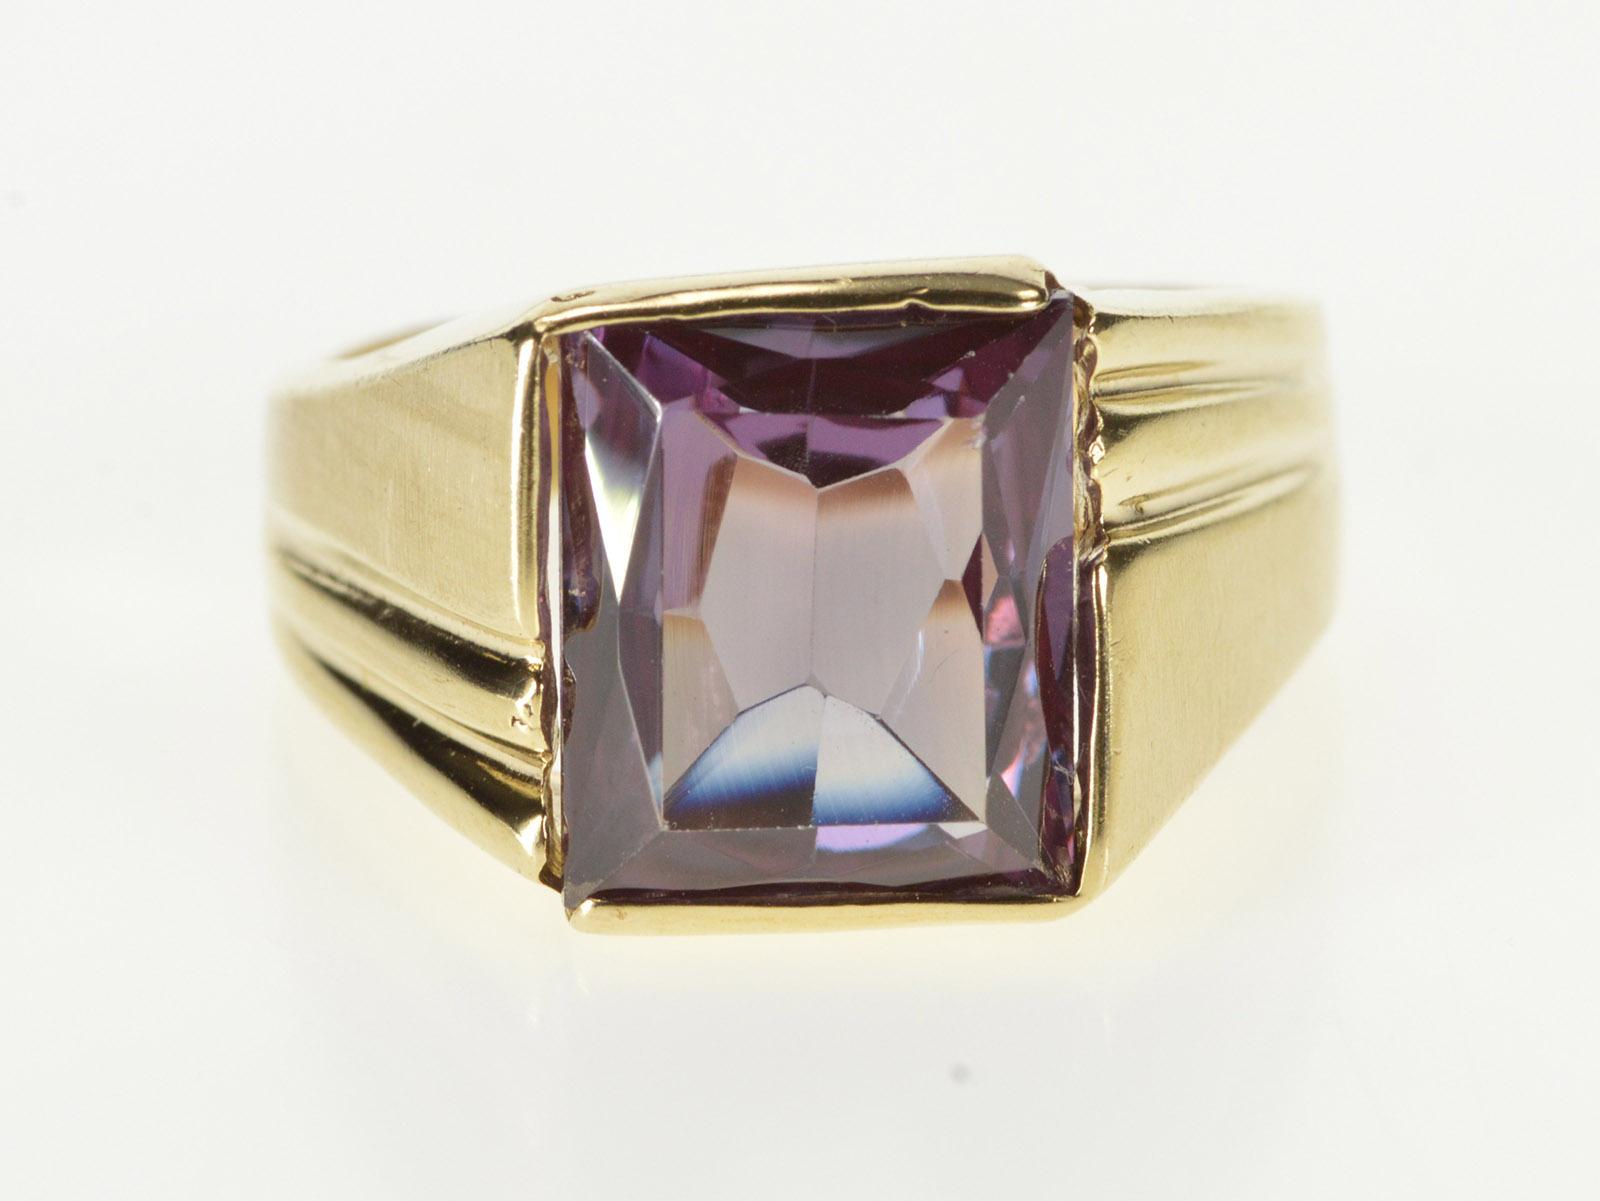 7a417e7bebe28 10K Retro Brilliant Cut Sim. Alexandrite Ornate Yellow Gold Ring ...